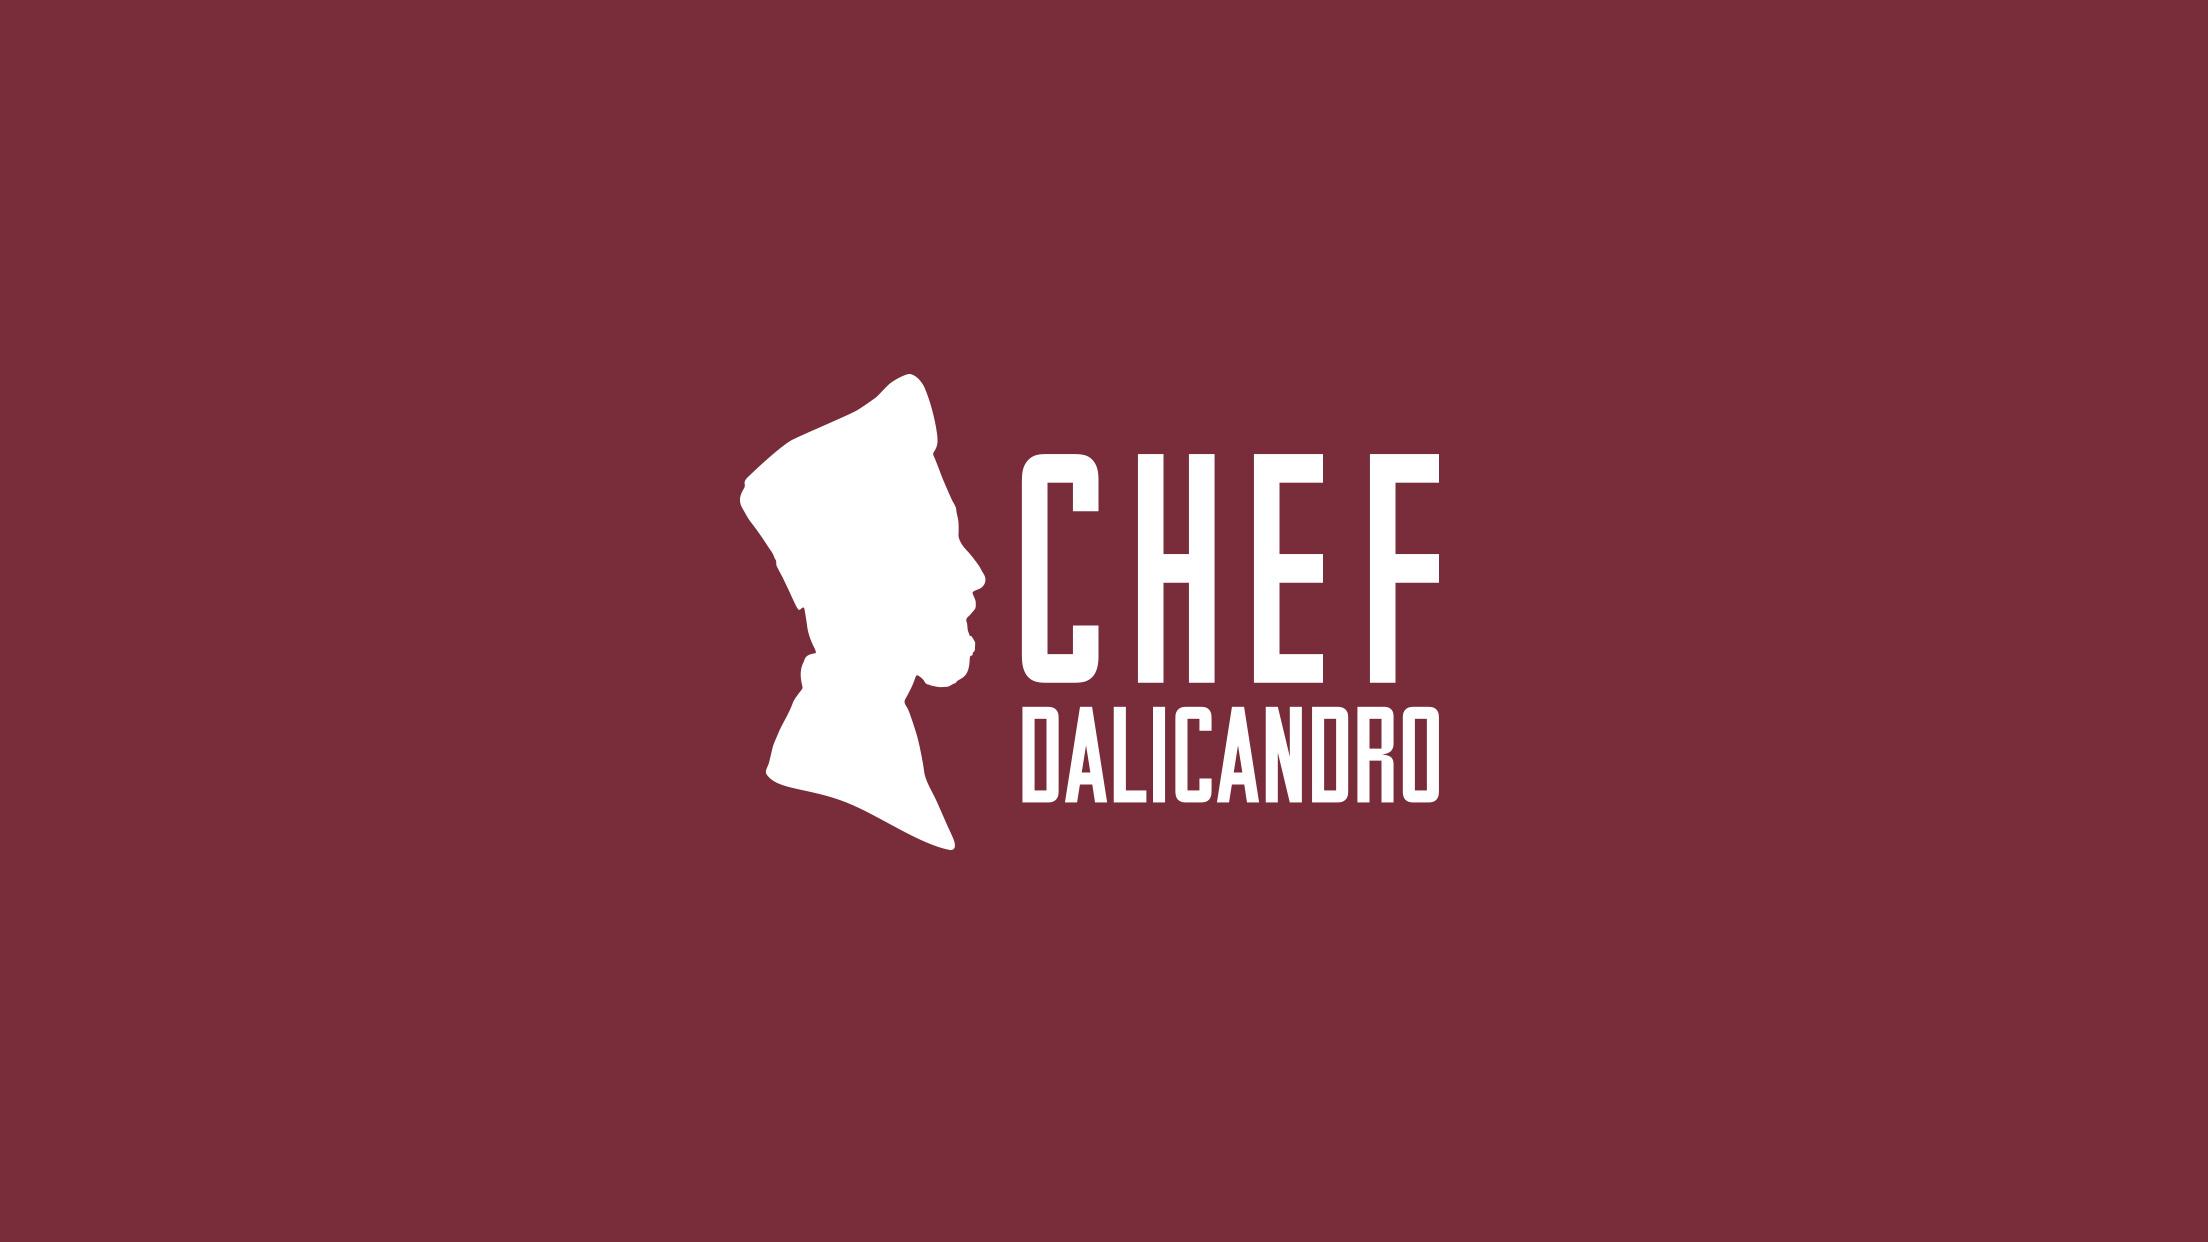 Chef Dalicandro - marchio